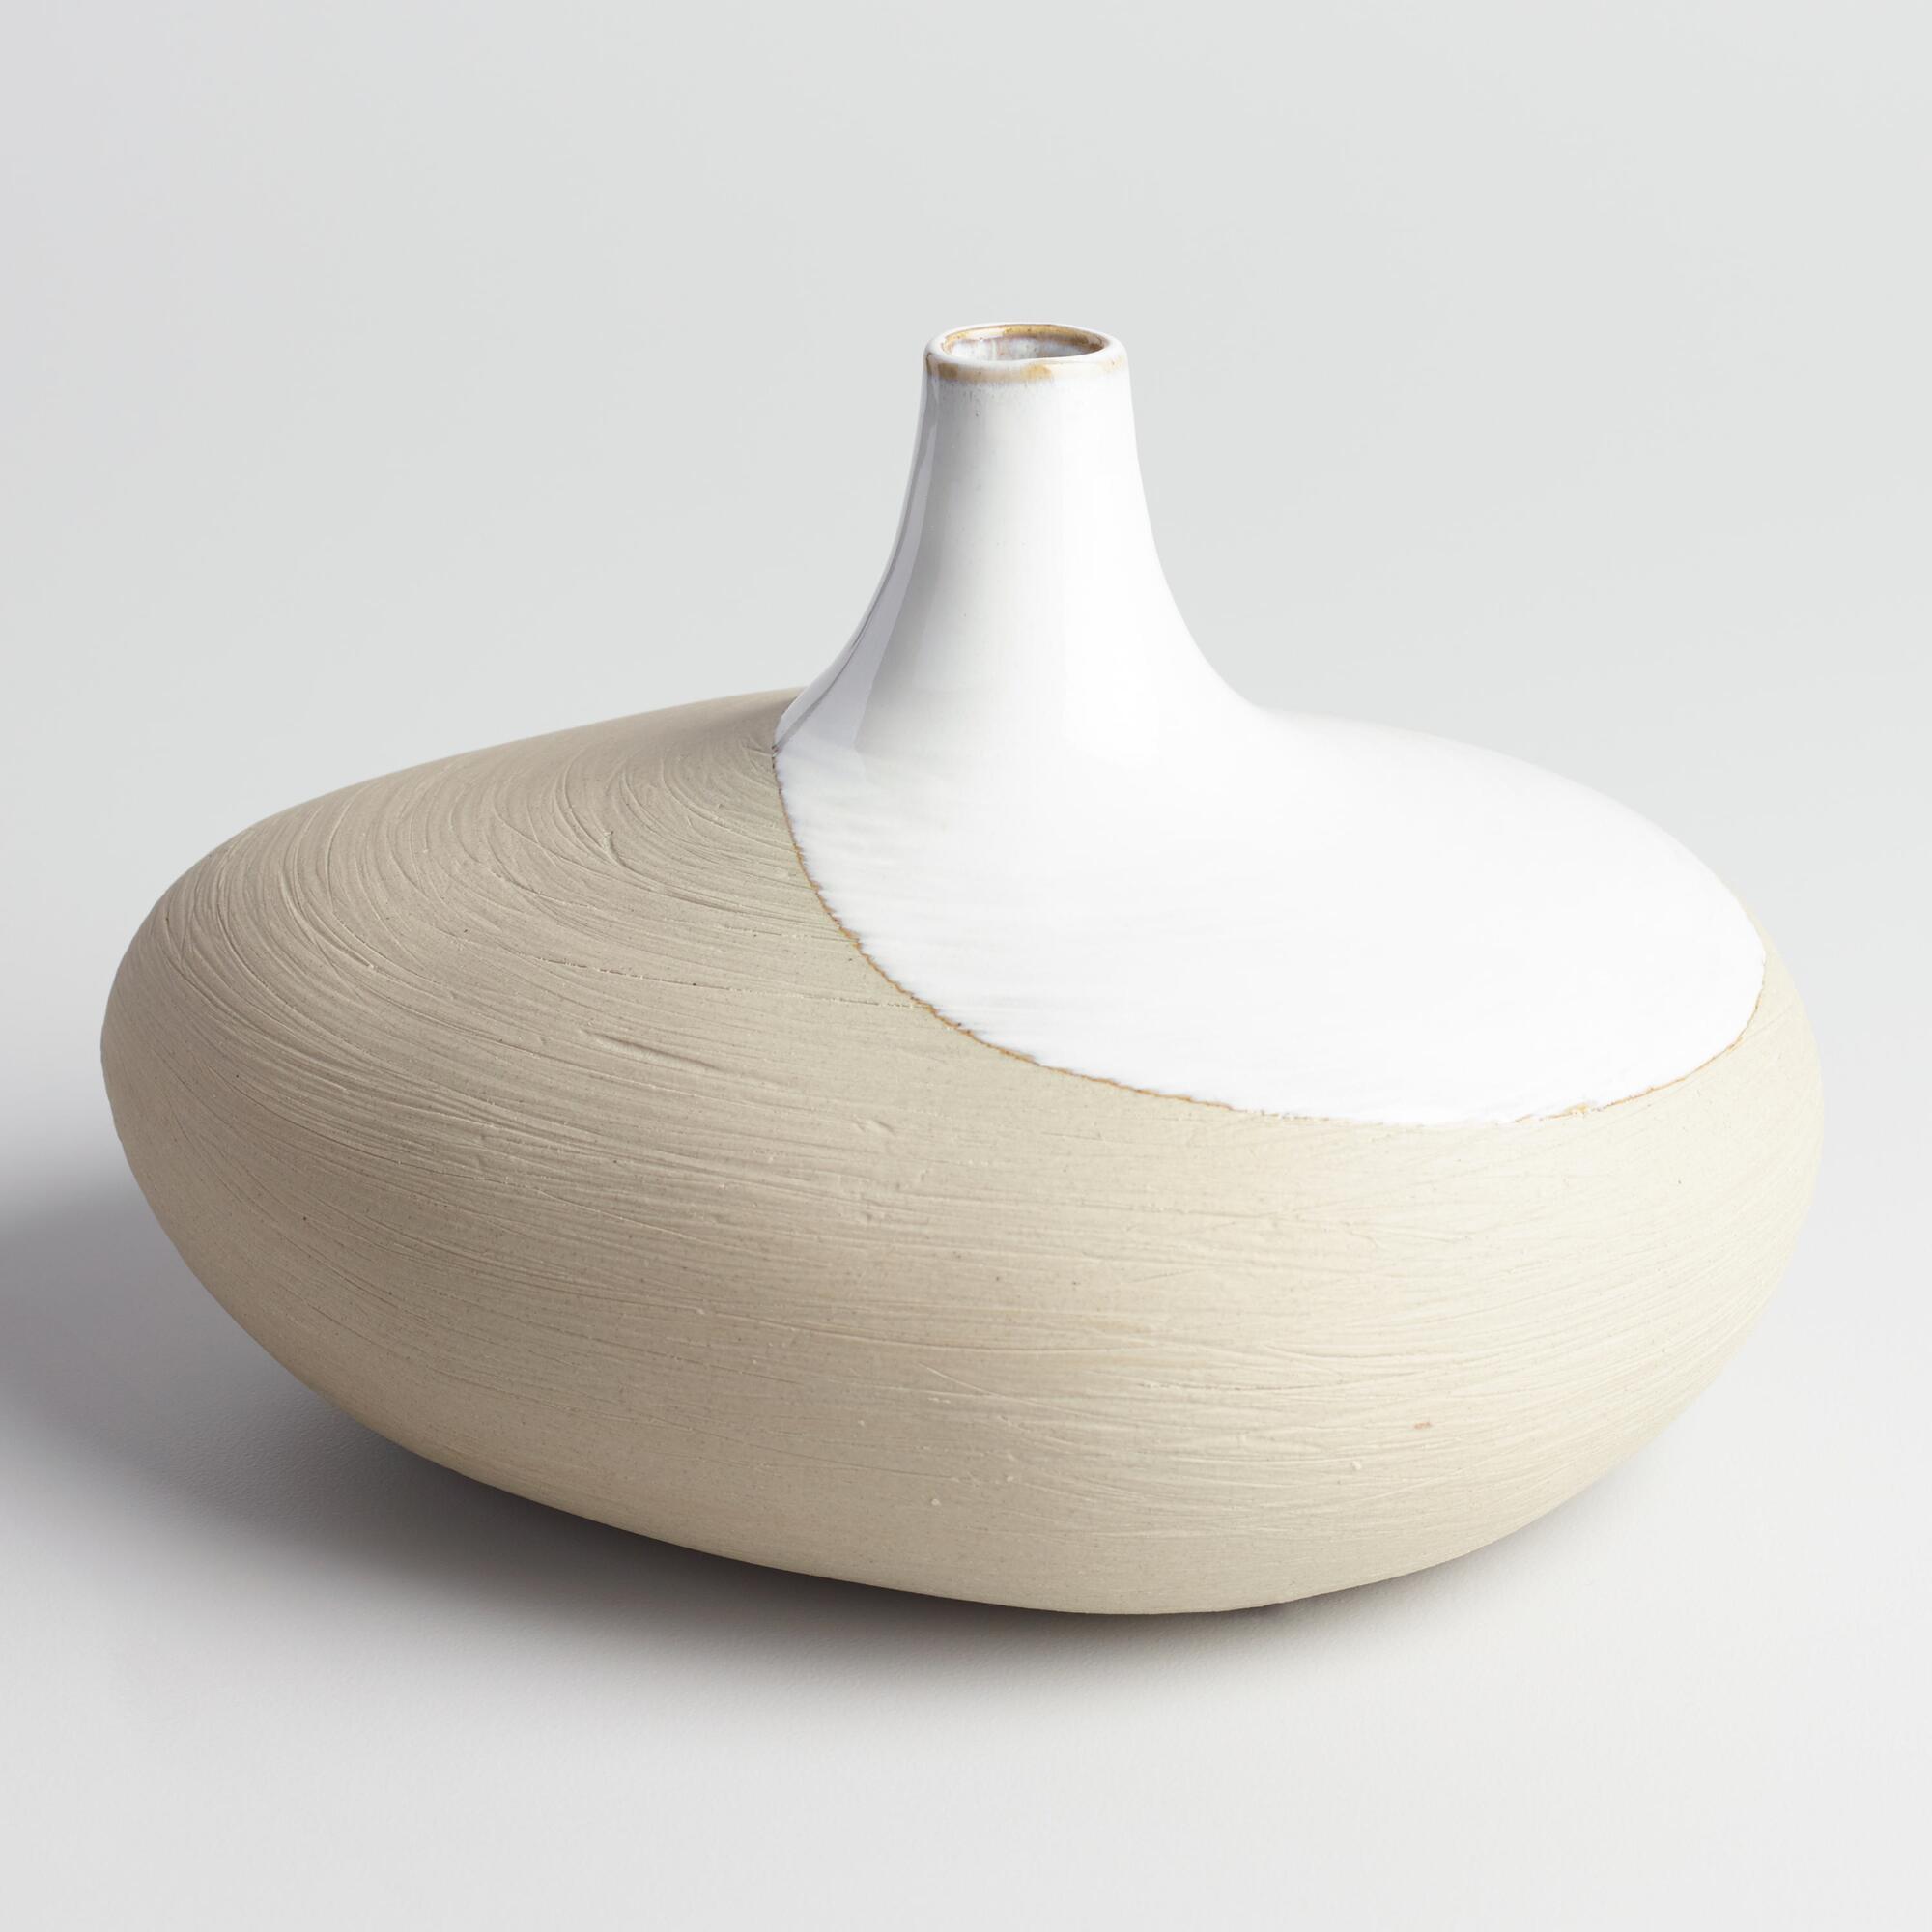 Ceramic Vase $13